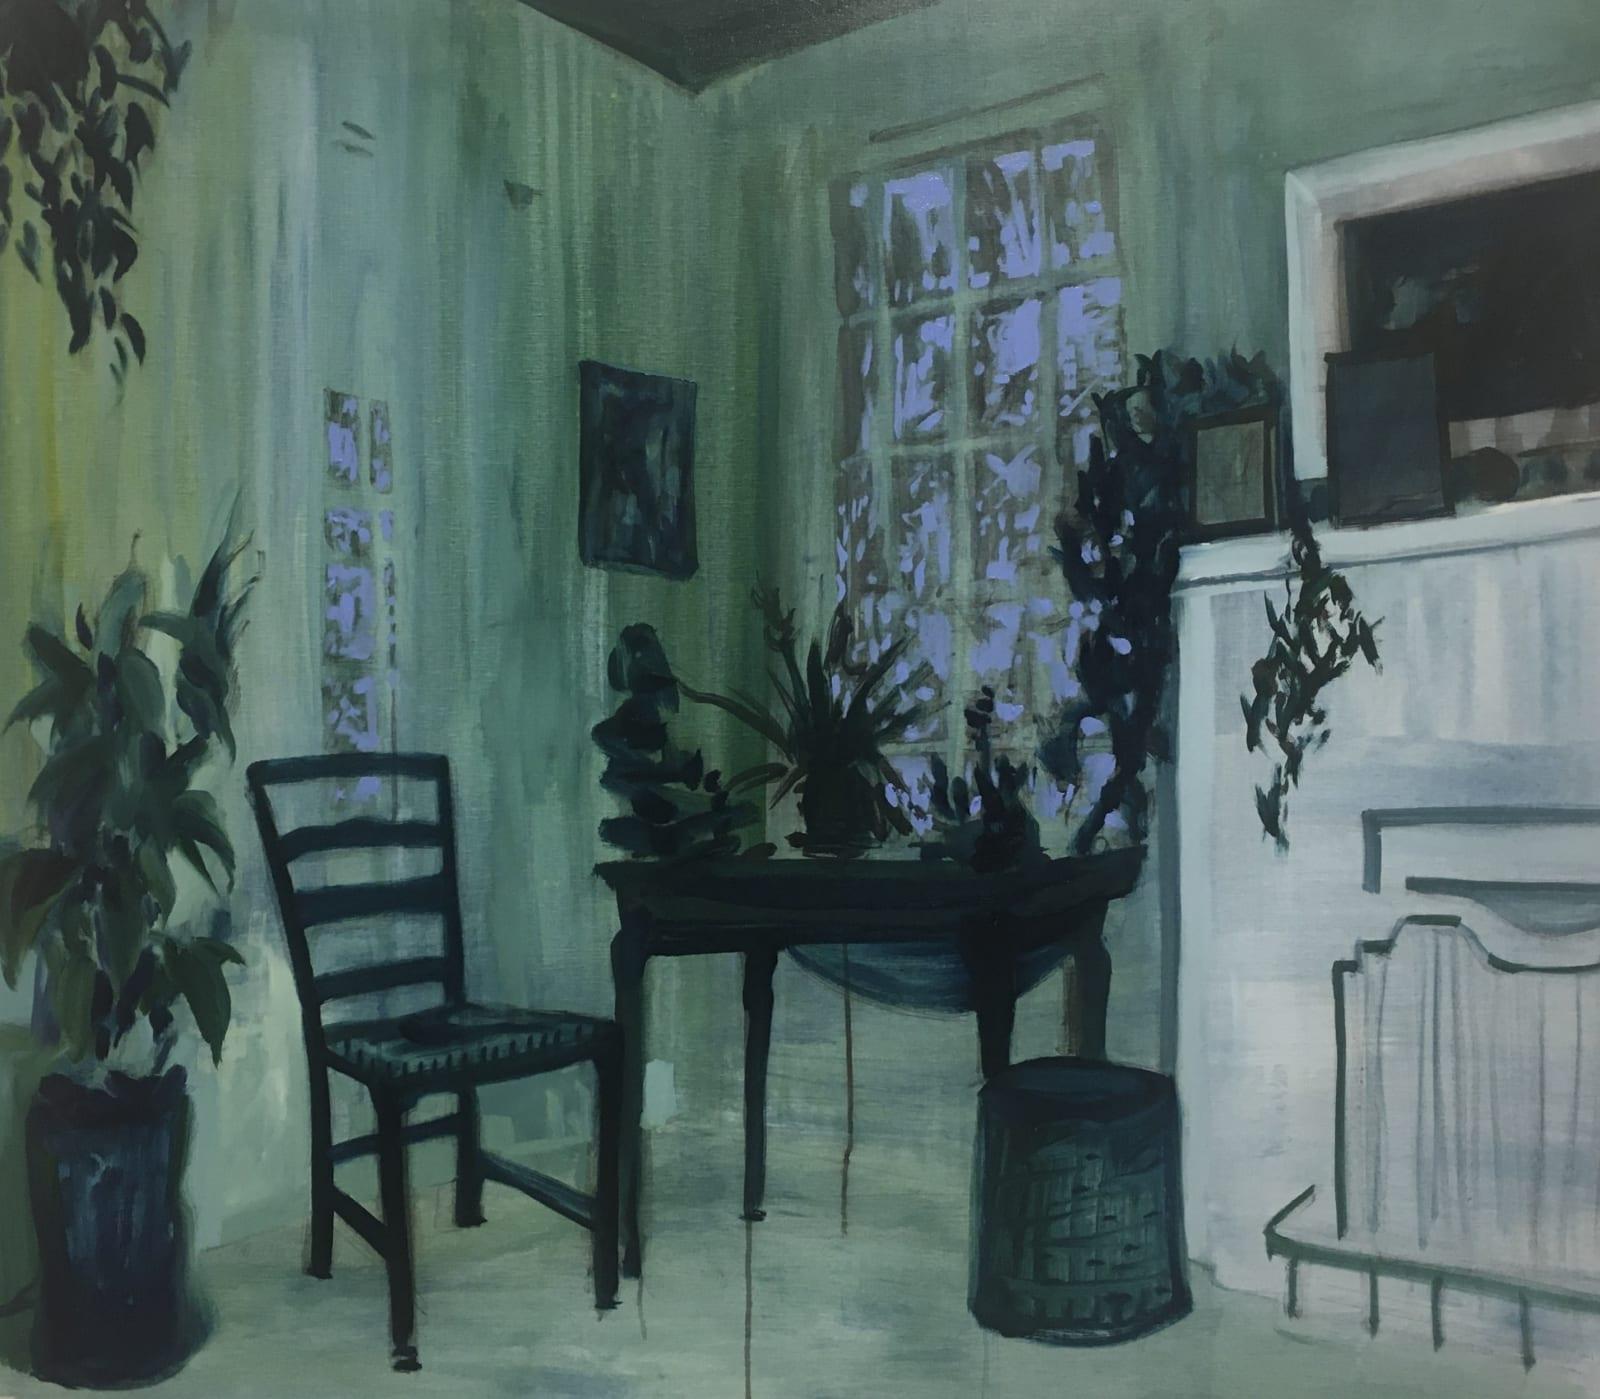 Elizabeth Schwaiger, Dark House Light, 2020